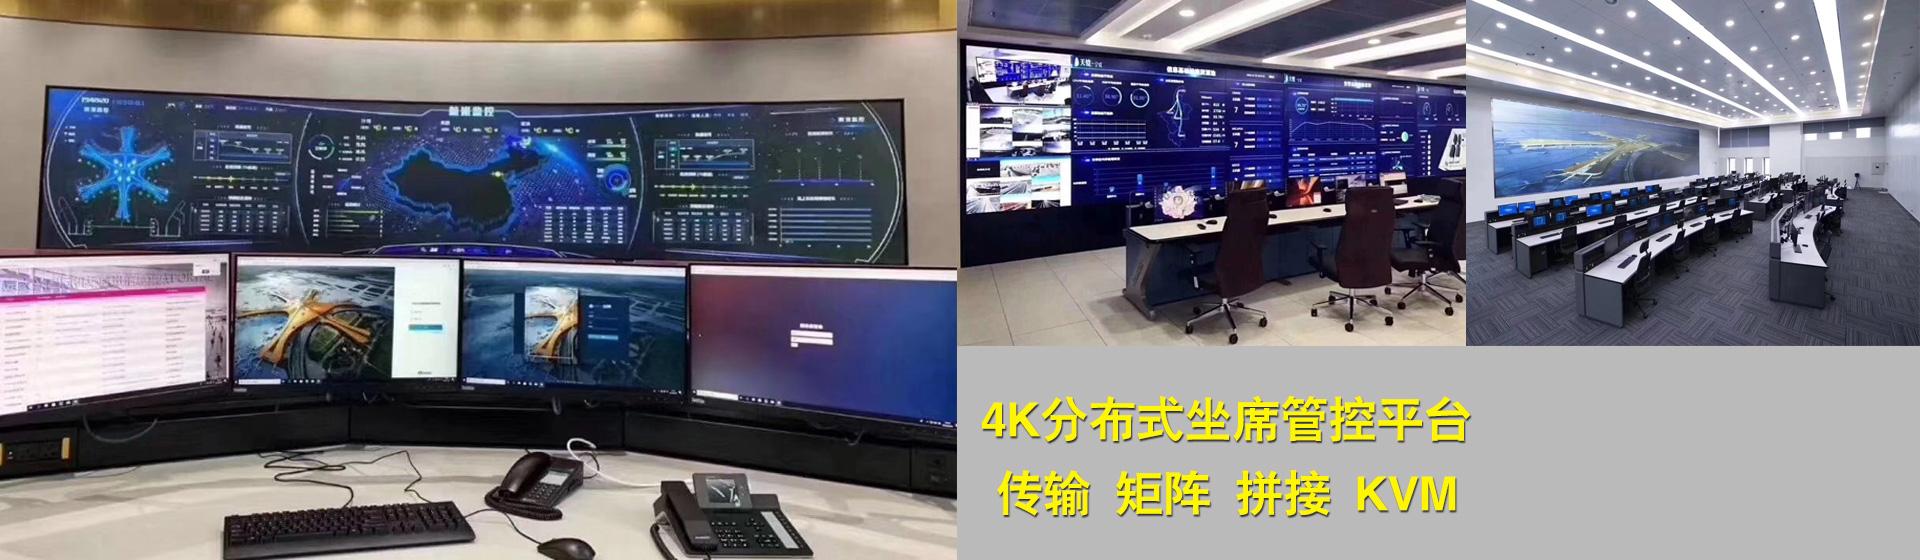 4K分布式坐席管控平台 传输 矩阵 屏接 KVM